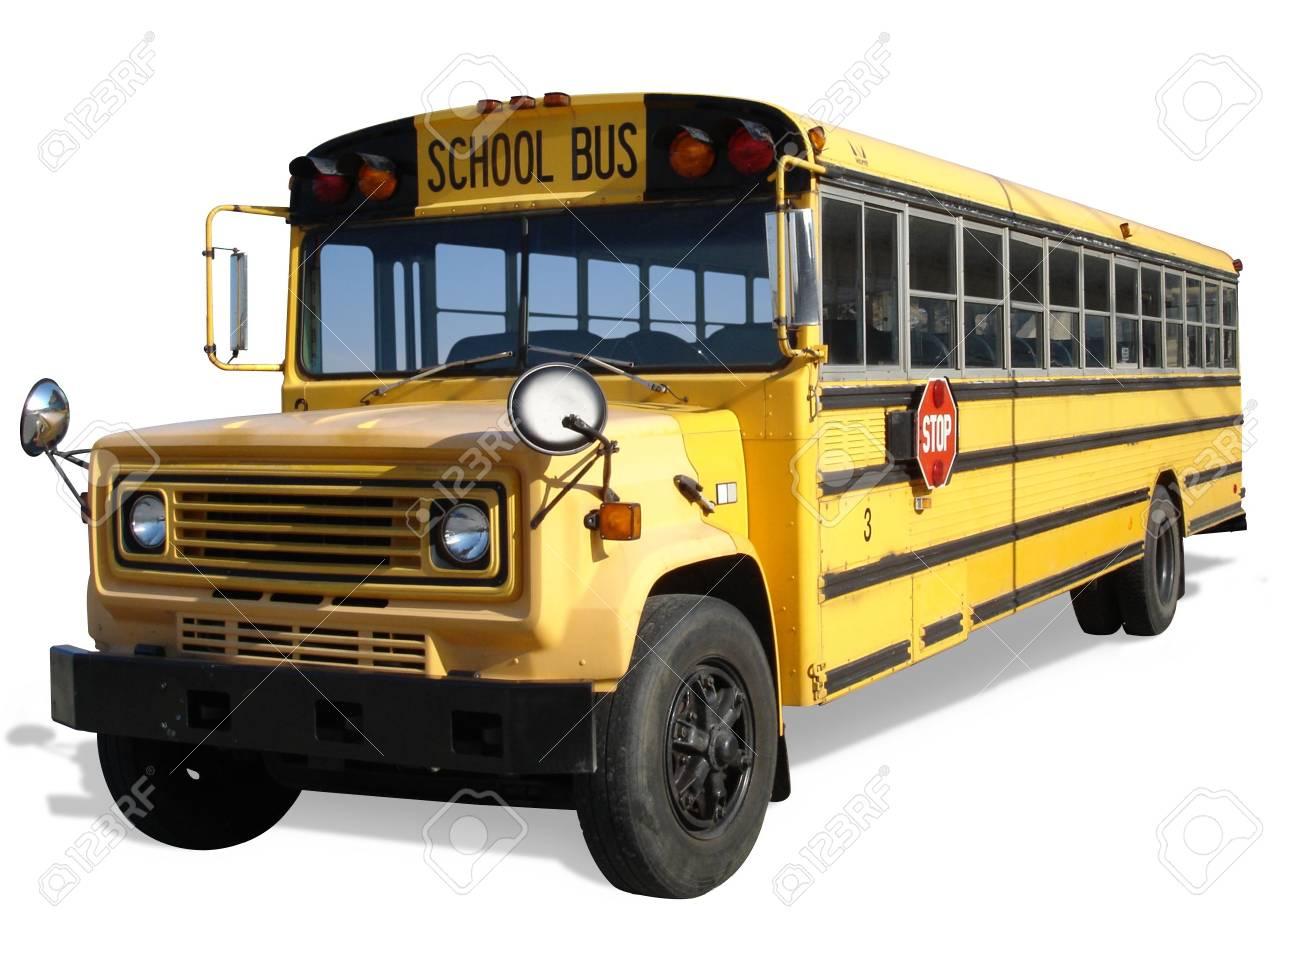 School Bus Stock Photo - 3657551